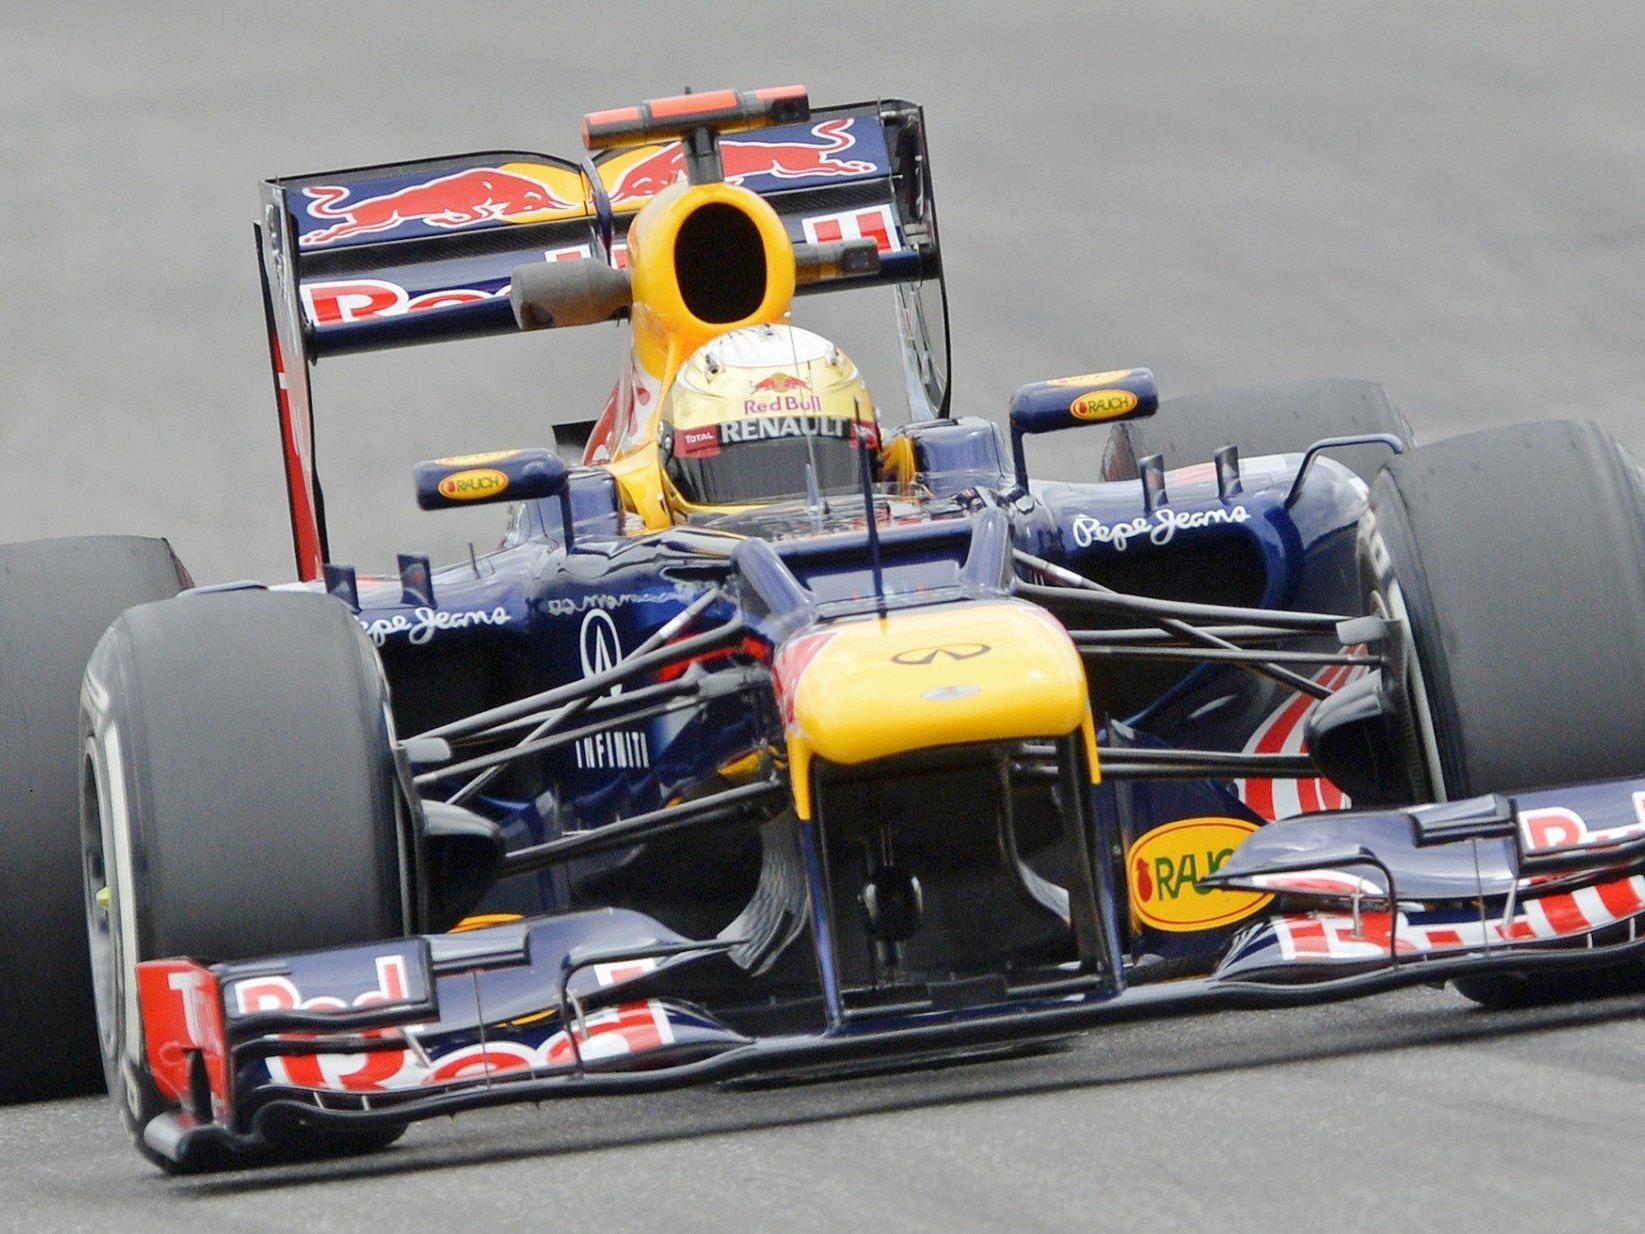 In der nächsten Formel 1-Saison scheint Indien nicht mehr im Rennkalender auf.